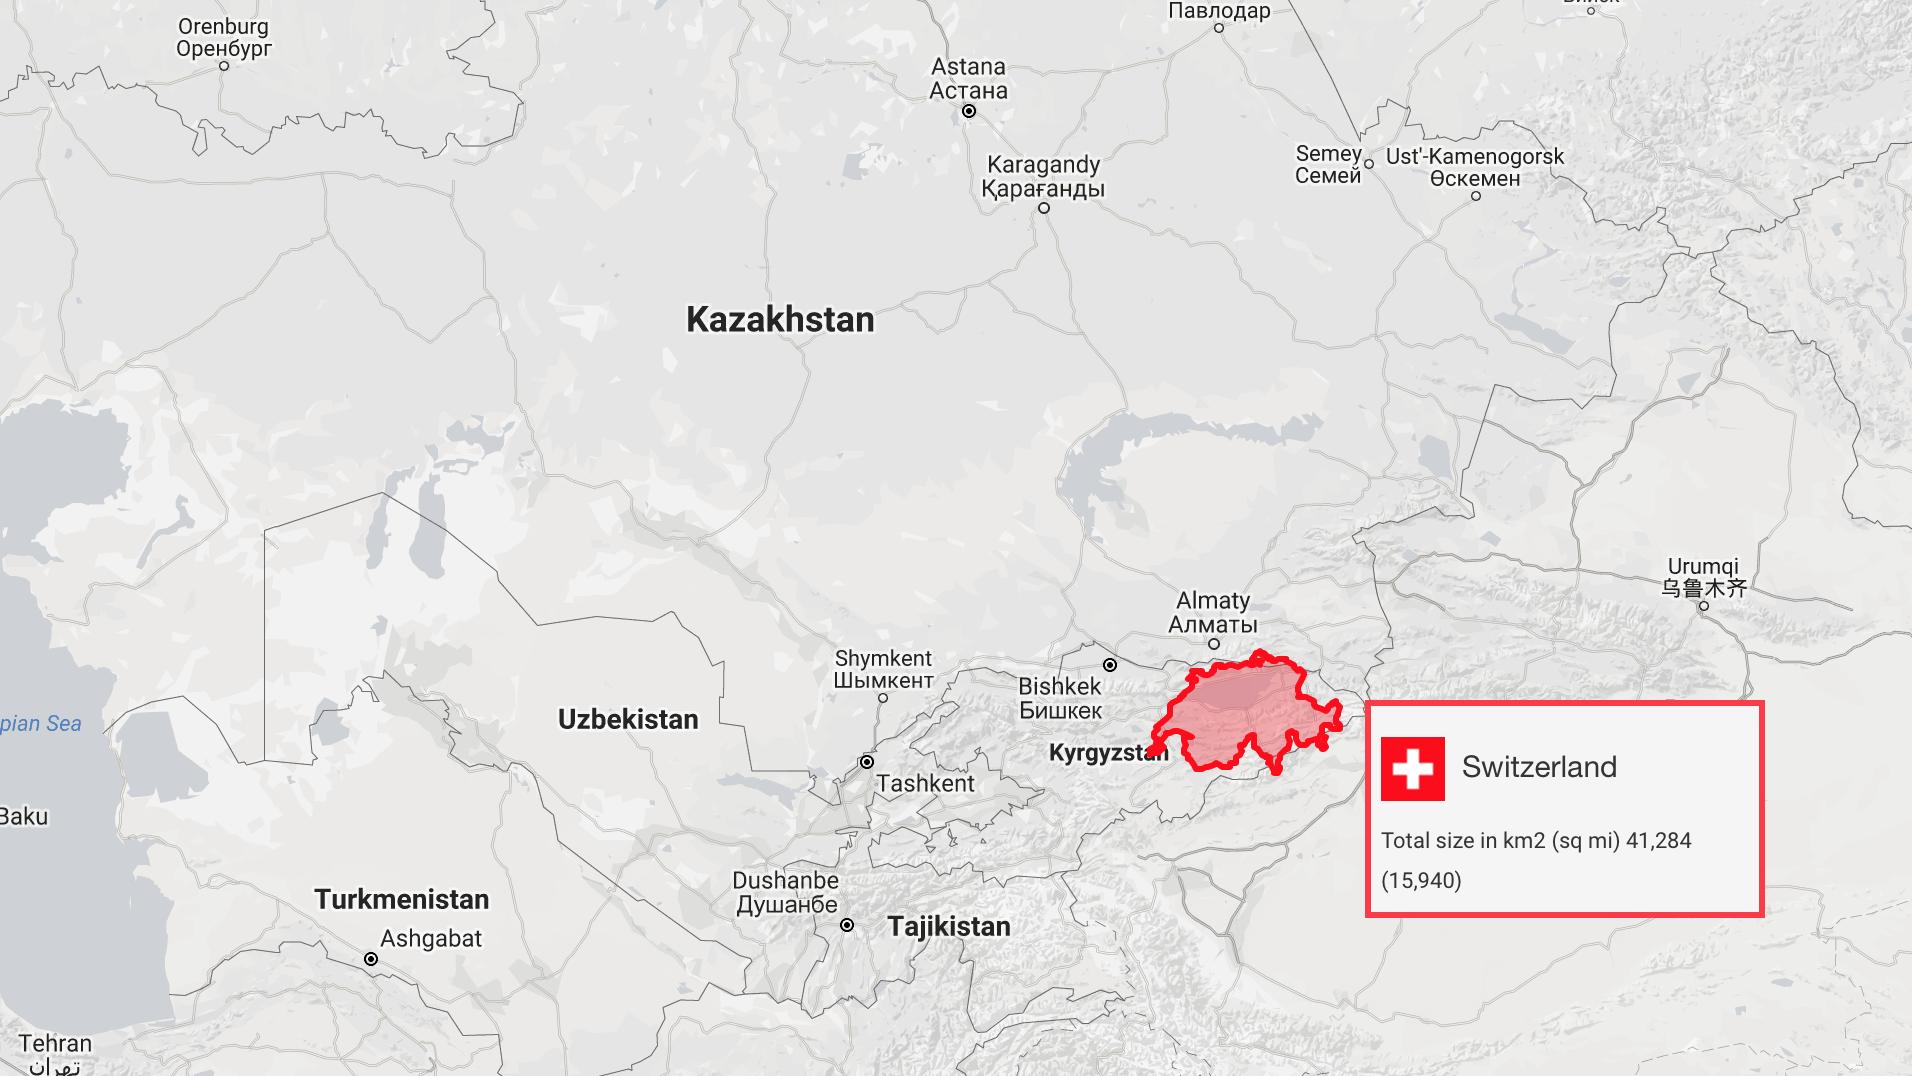 Switzerland_in_Kyrgyzstan